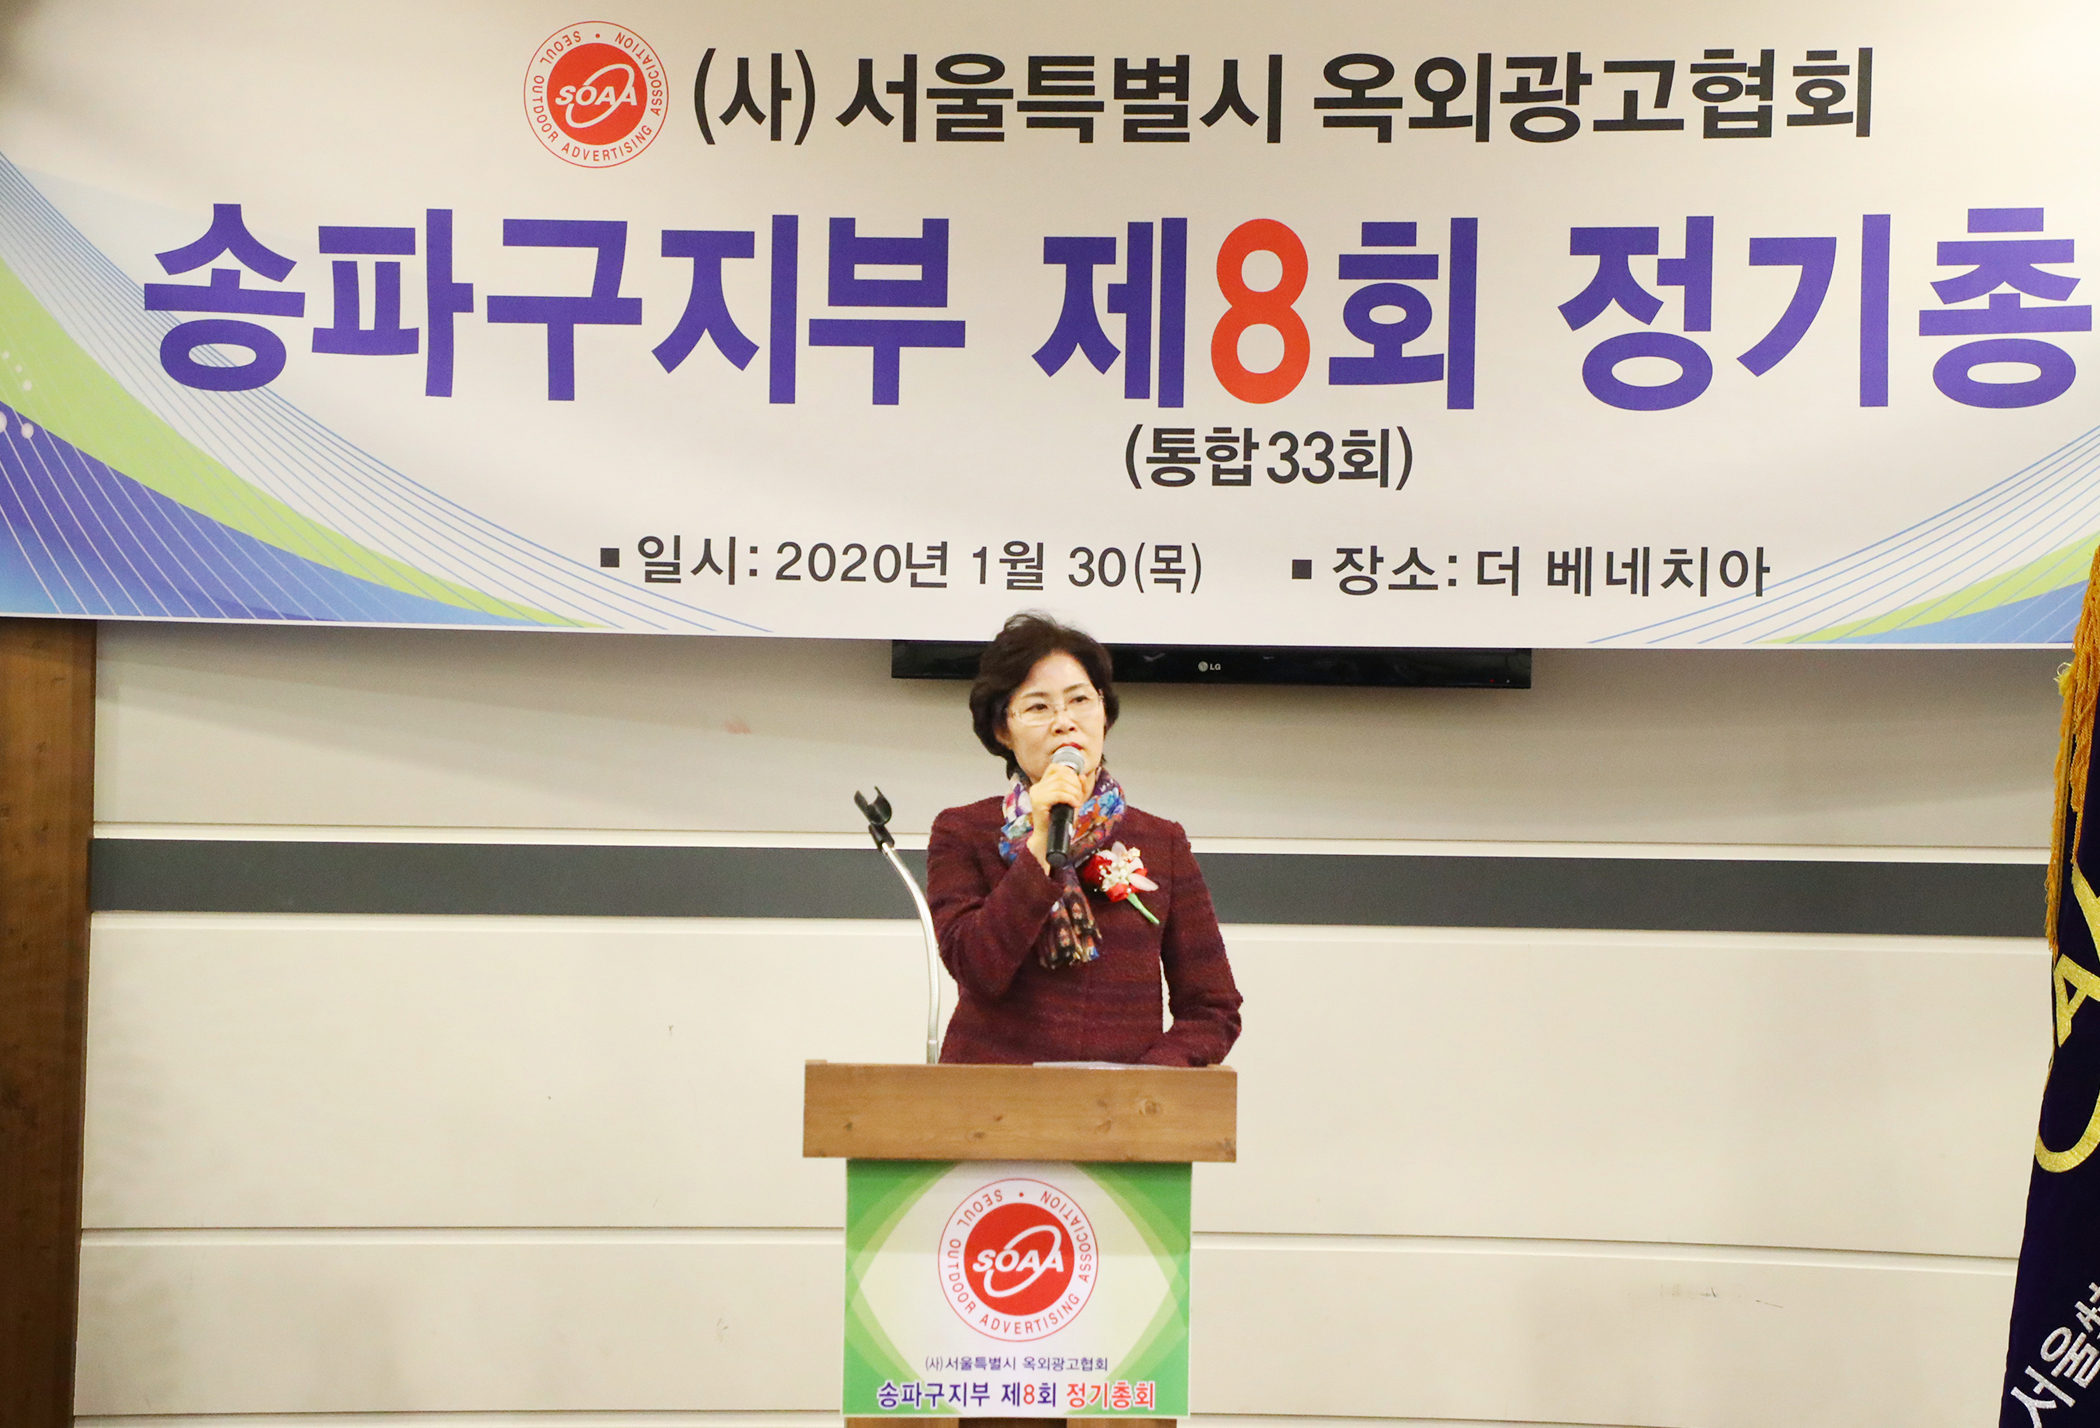 이성자 송파구의회 의장,'서울특별시옥외광고협회 송파구지부 정기총회' 참석